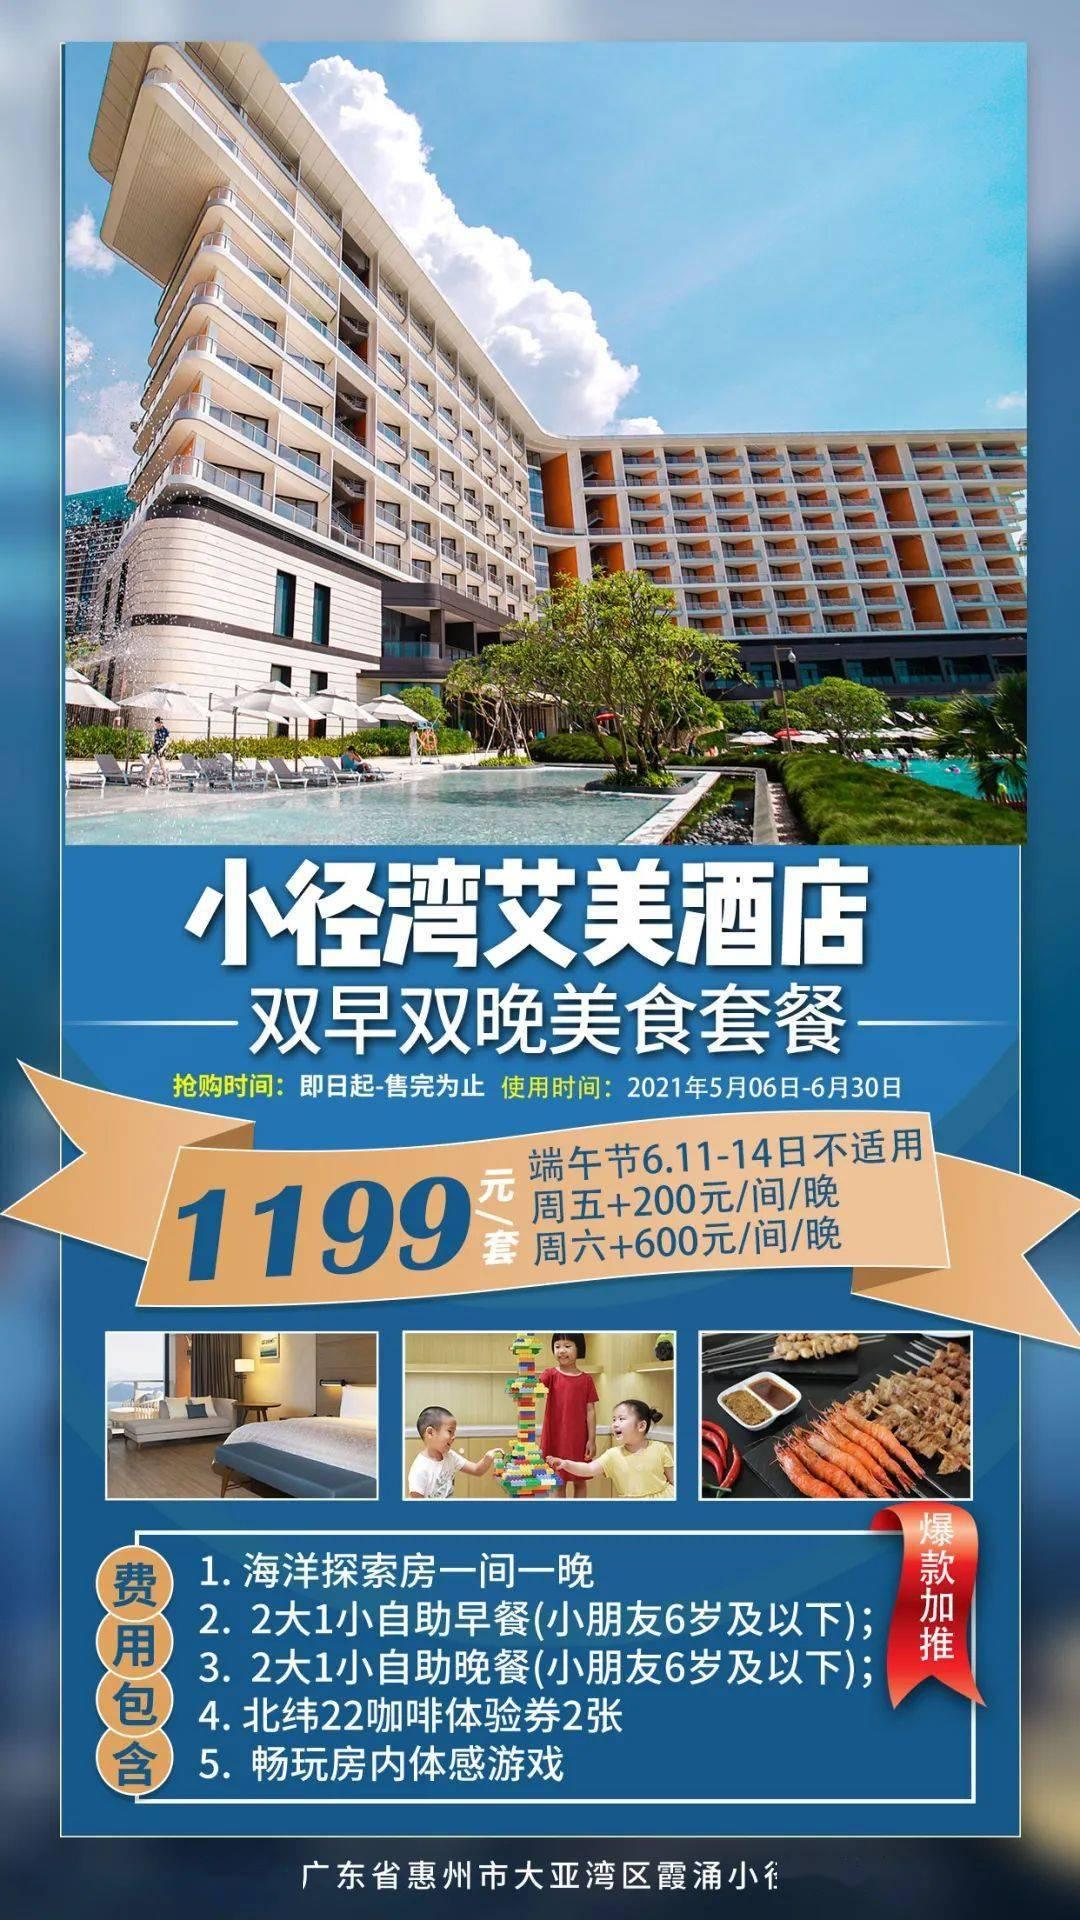 ¥1199元抢惠州小径湾艾美酒店